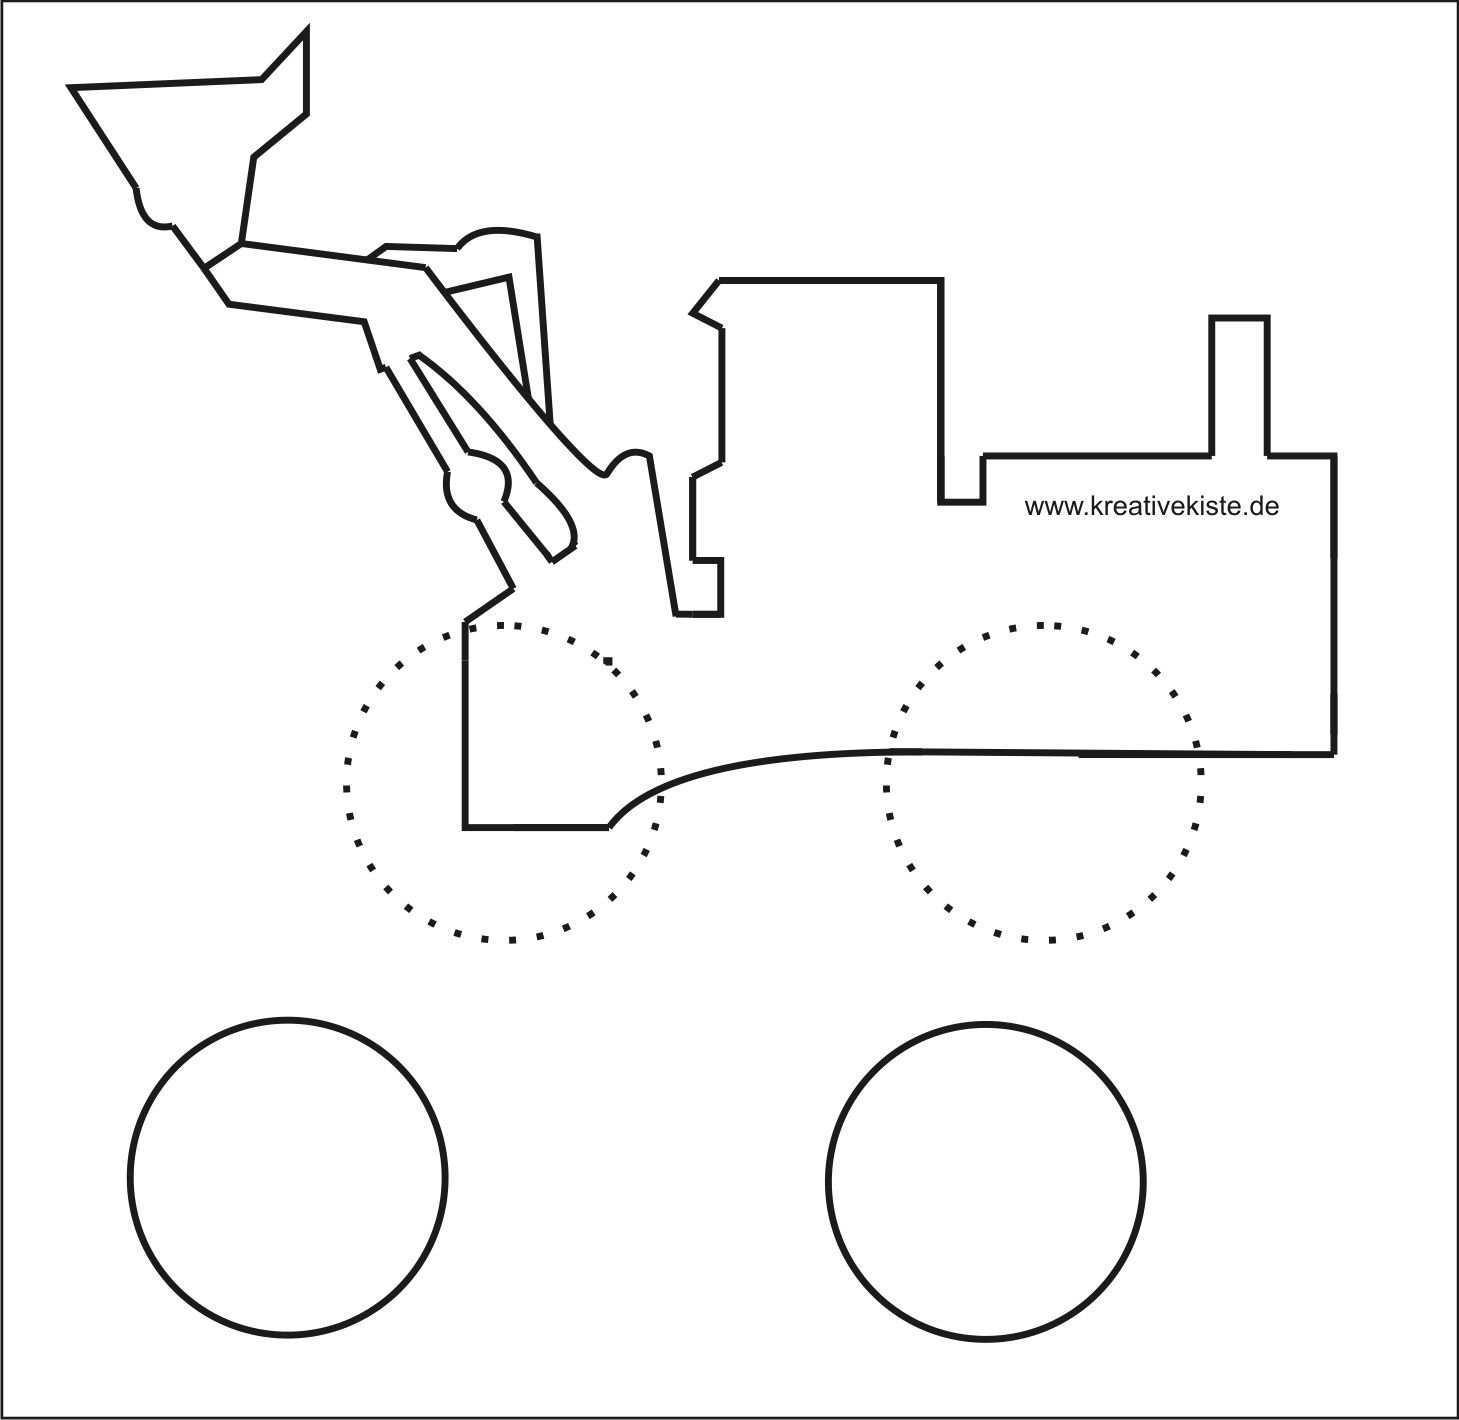 Laubsaege Vorlage Bagger Basteln Holz Jpg 1 459 1 420 Pixel Laubsagen Vorlagen Basteln Mit Papier Basteln Anleitung